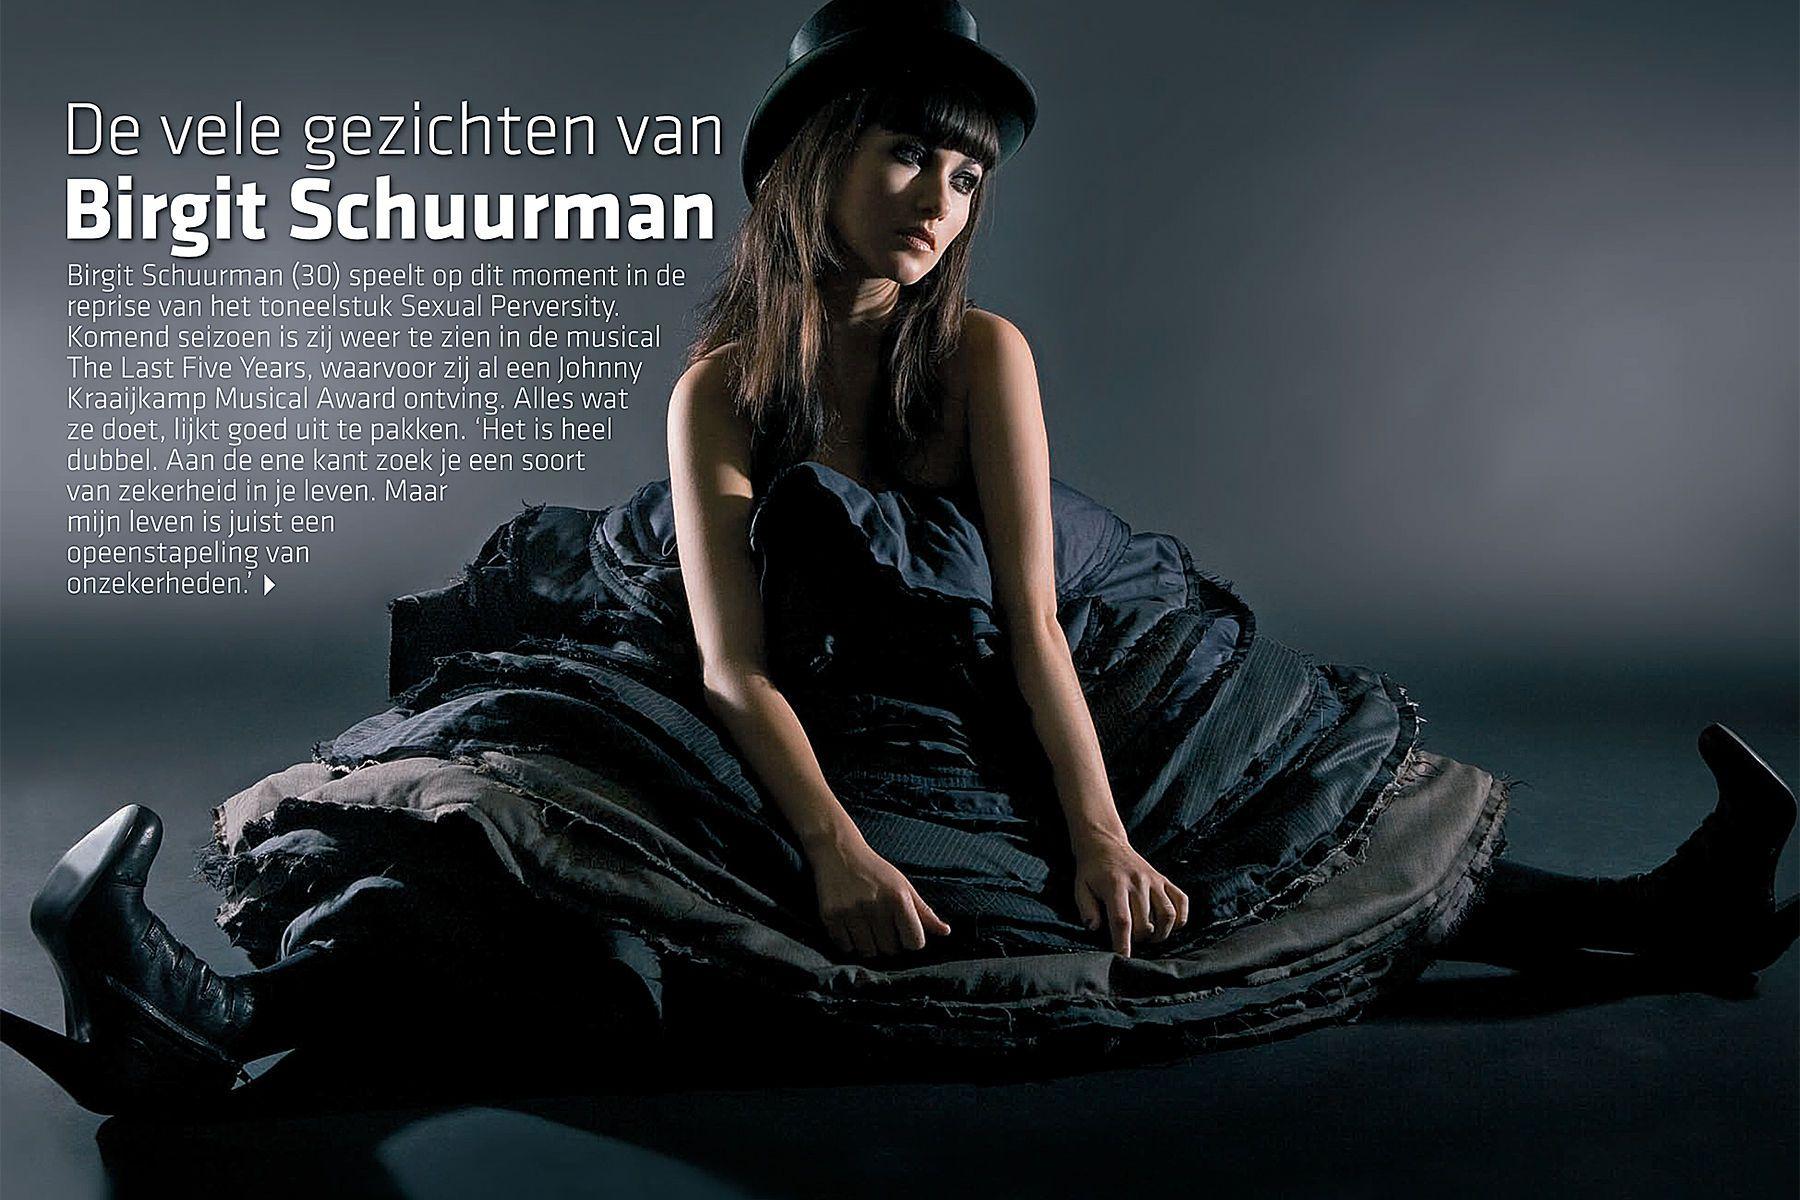 1birgit_schuurman_by_torben_raun.jpg